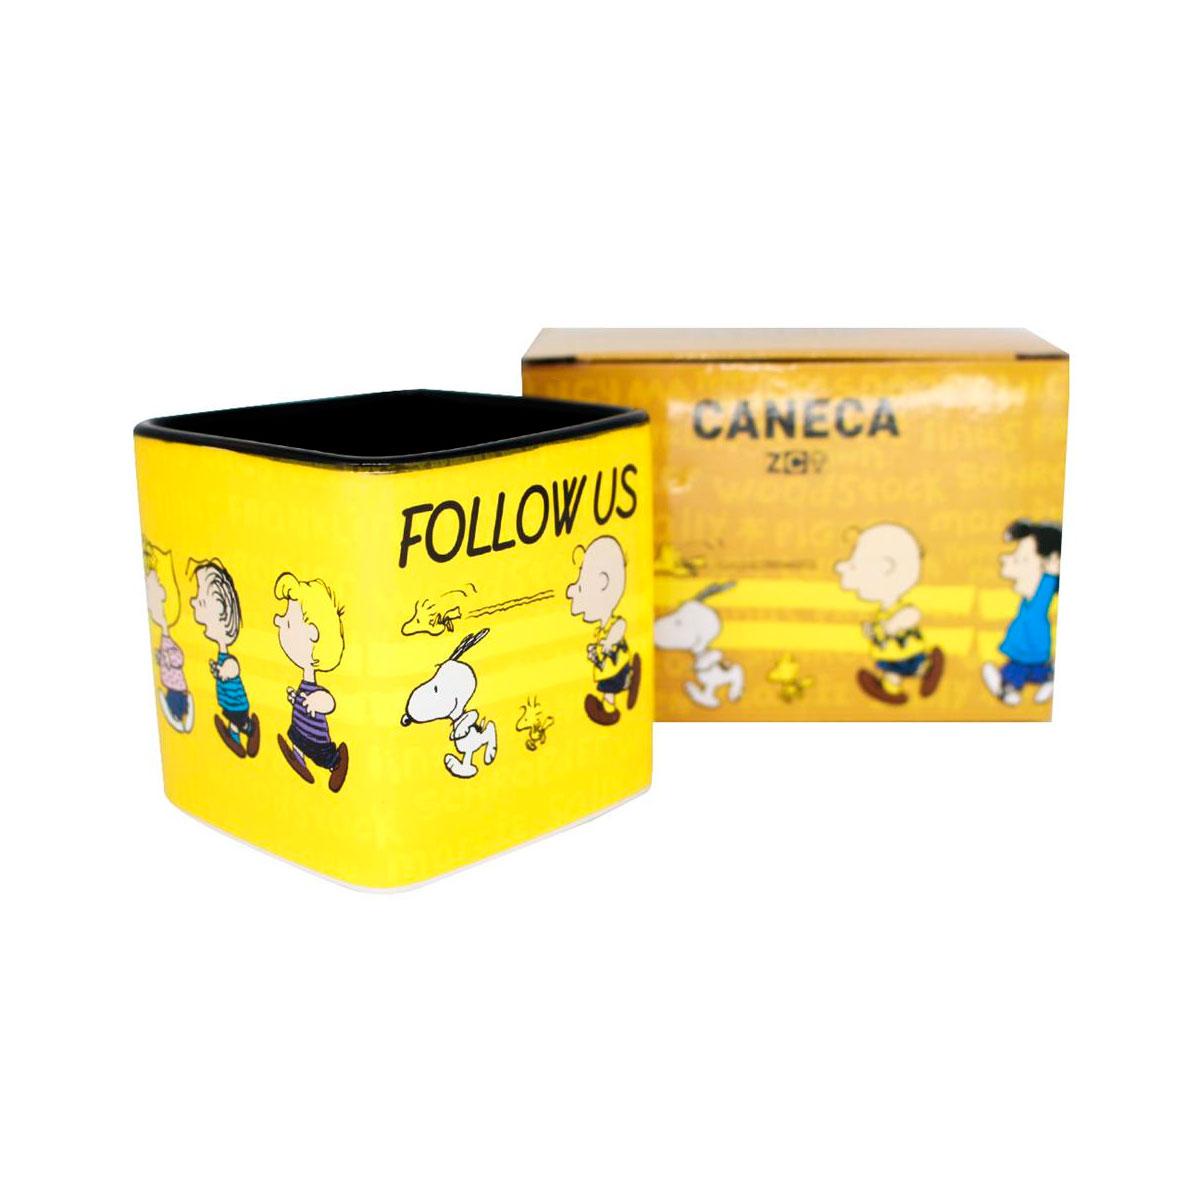 Caneca Quadrada Cubo Turma Snoopy Follow Us - Presente Super